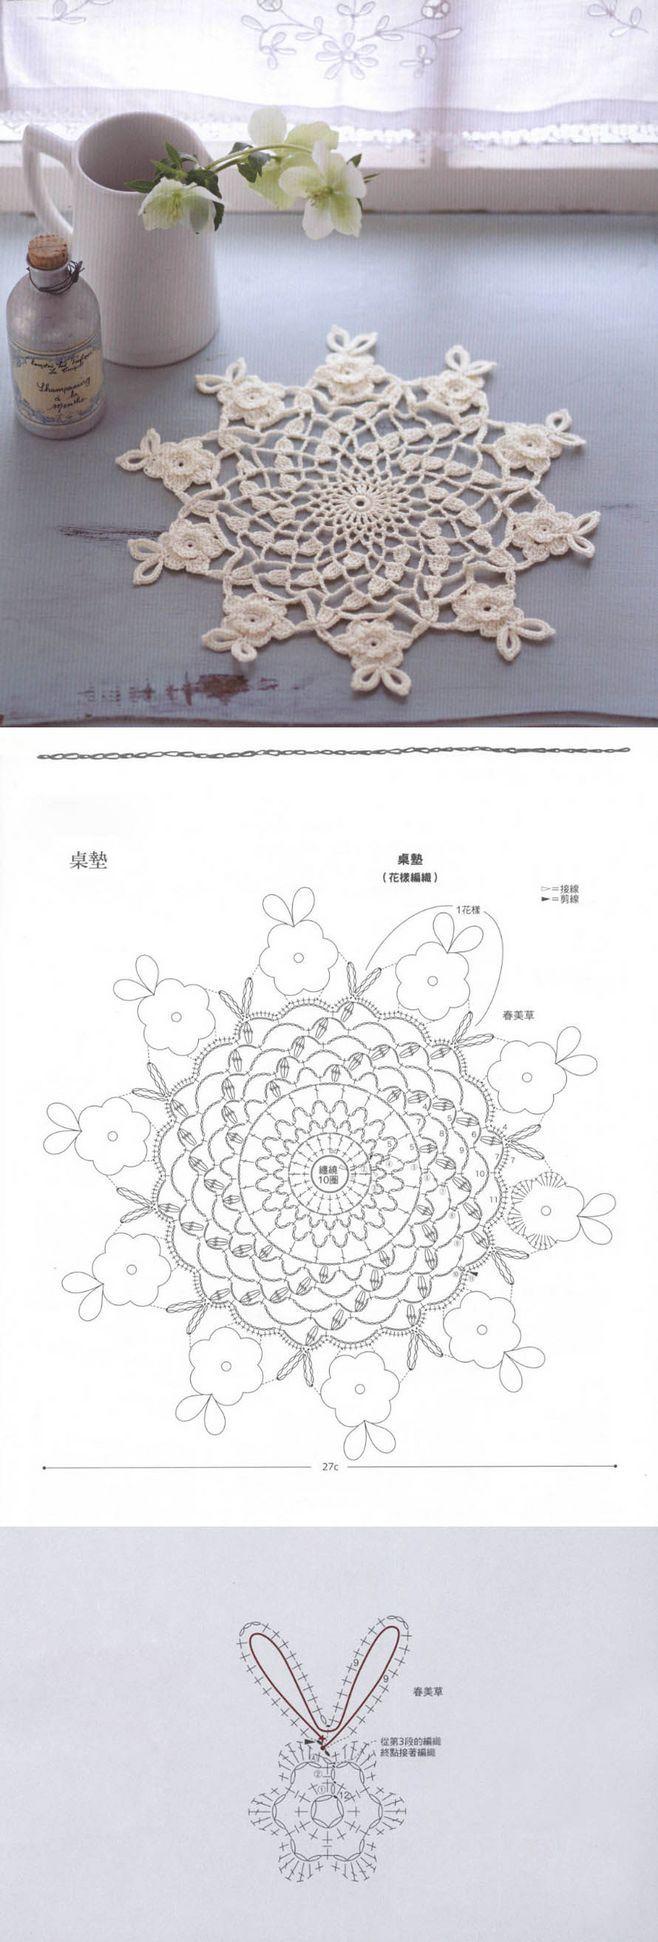 Pin de margot en atrapasueños | Pinterest | Ganchillo, Carpeta y Tejido